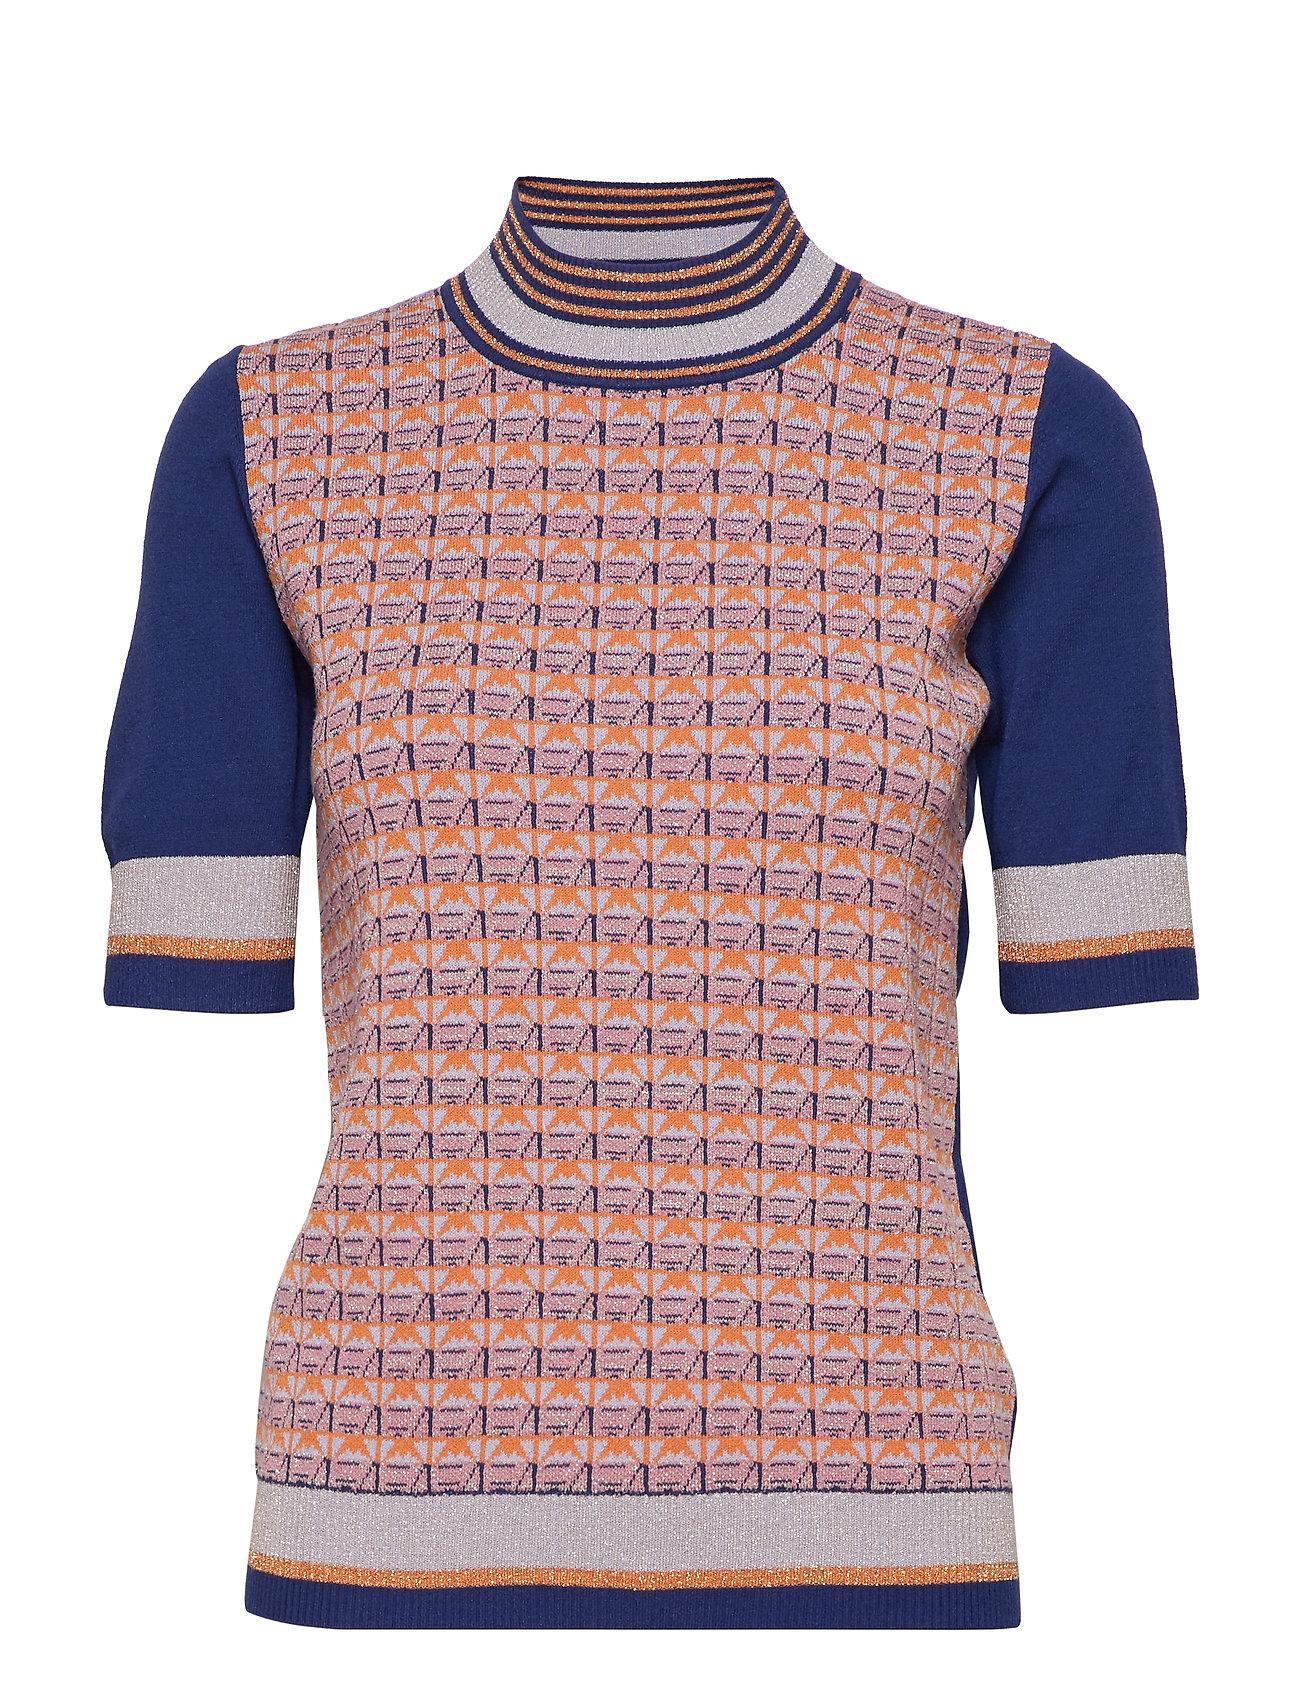 £69 Shirts Noa Blue T Tops art Pullover amp; 8qFwzz